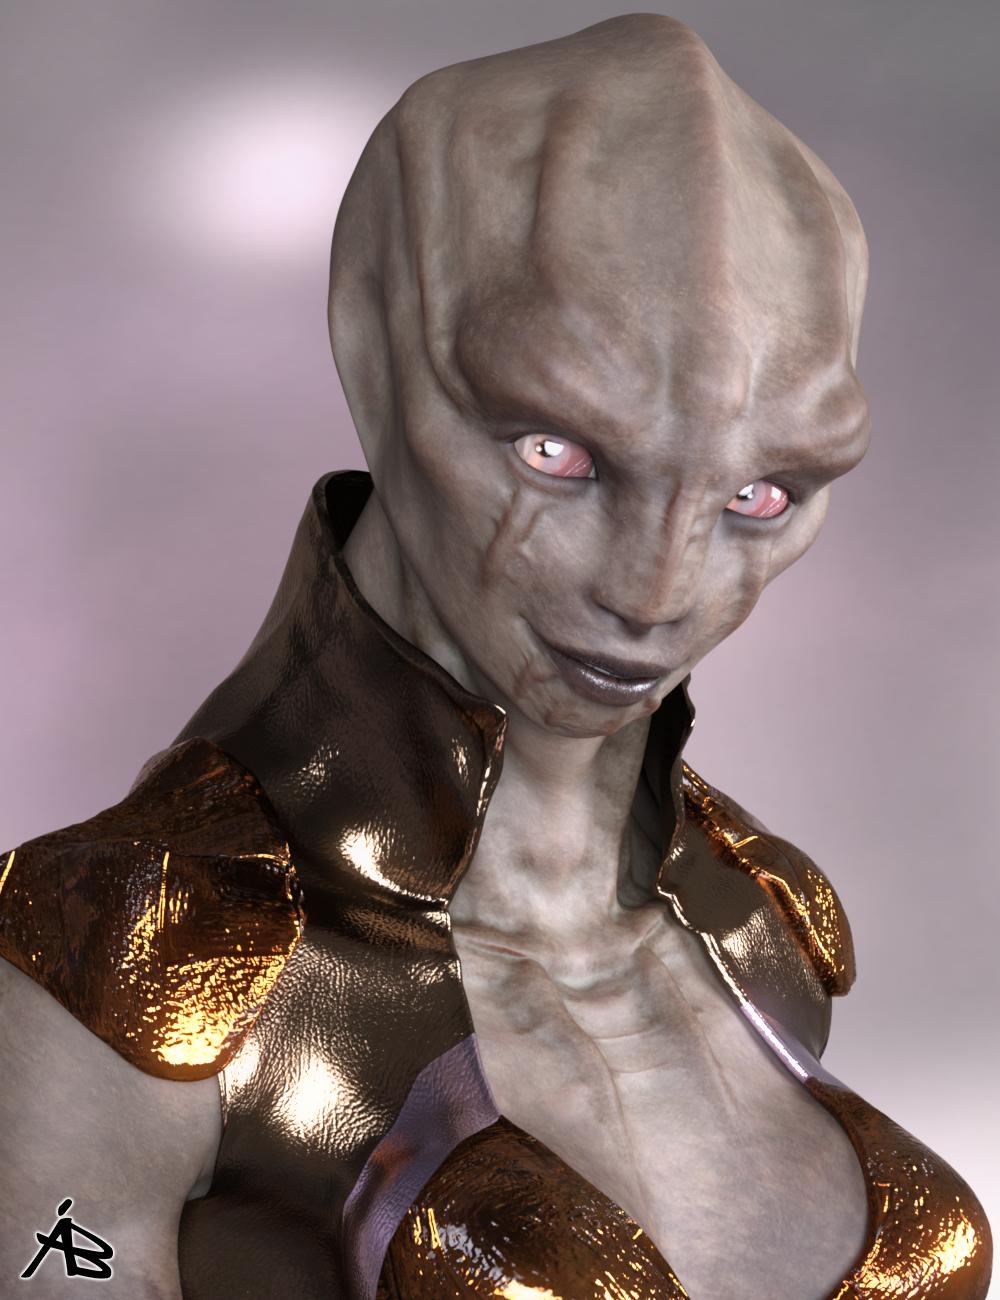 AB Delpyune HD for Genesis 8.1 Female by: AuraBianca, 3D Models by Daz 3D